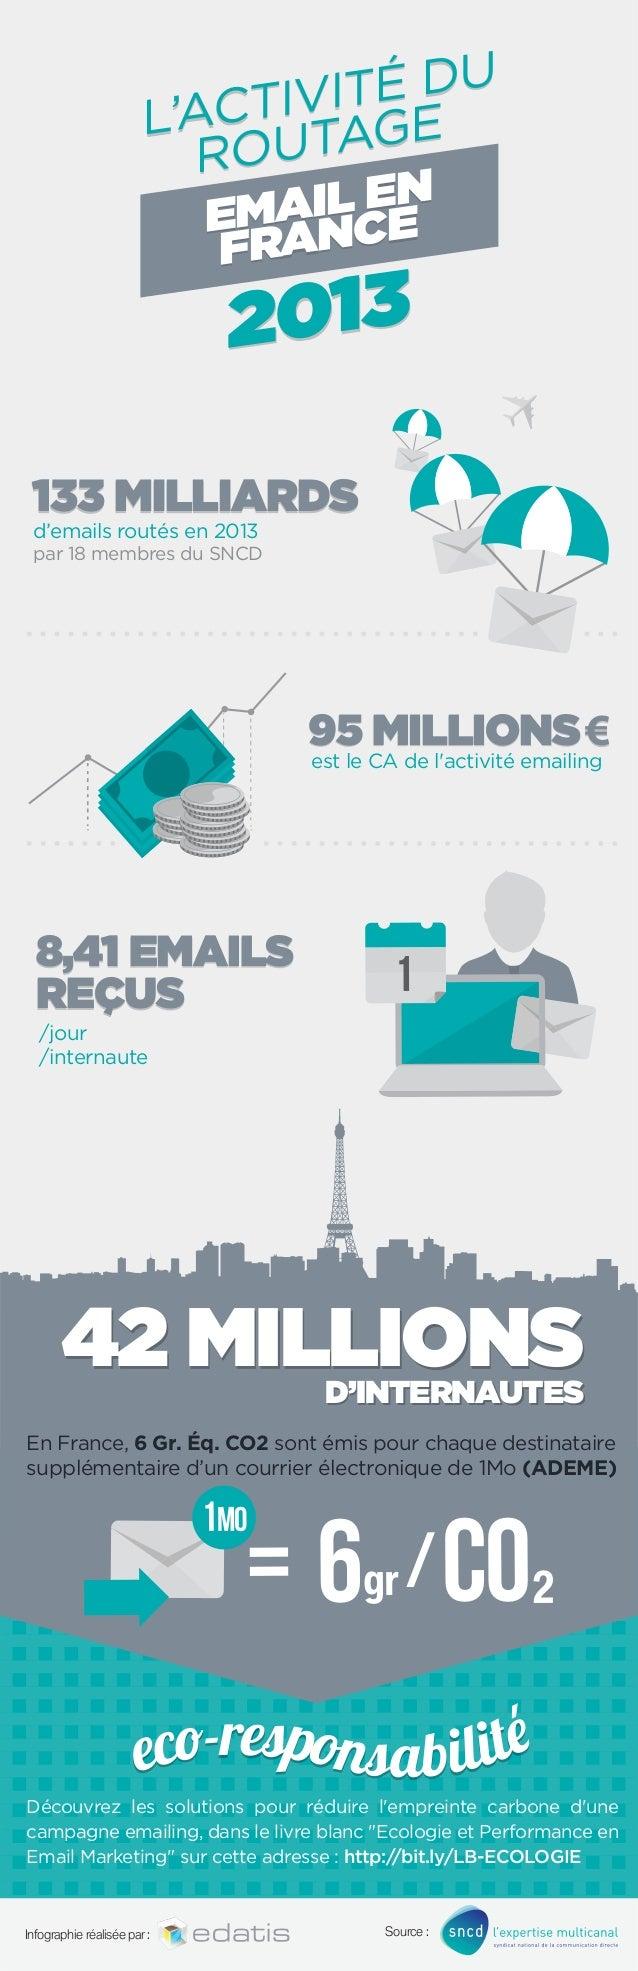 DU VITÉ CTI L'A AGE OUT R IL EN EMA NCE FRA  013 2  133 MILLIARDS d'emails routés en 2013  par 18 membres du SNCD  95 MILL...